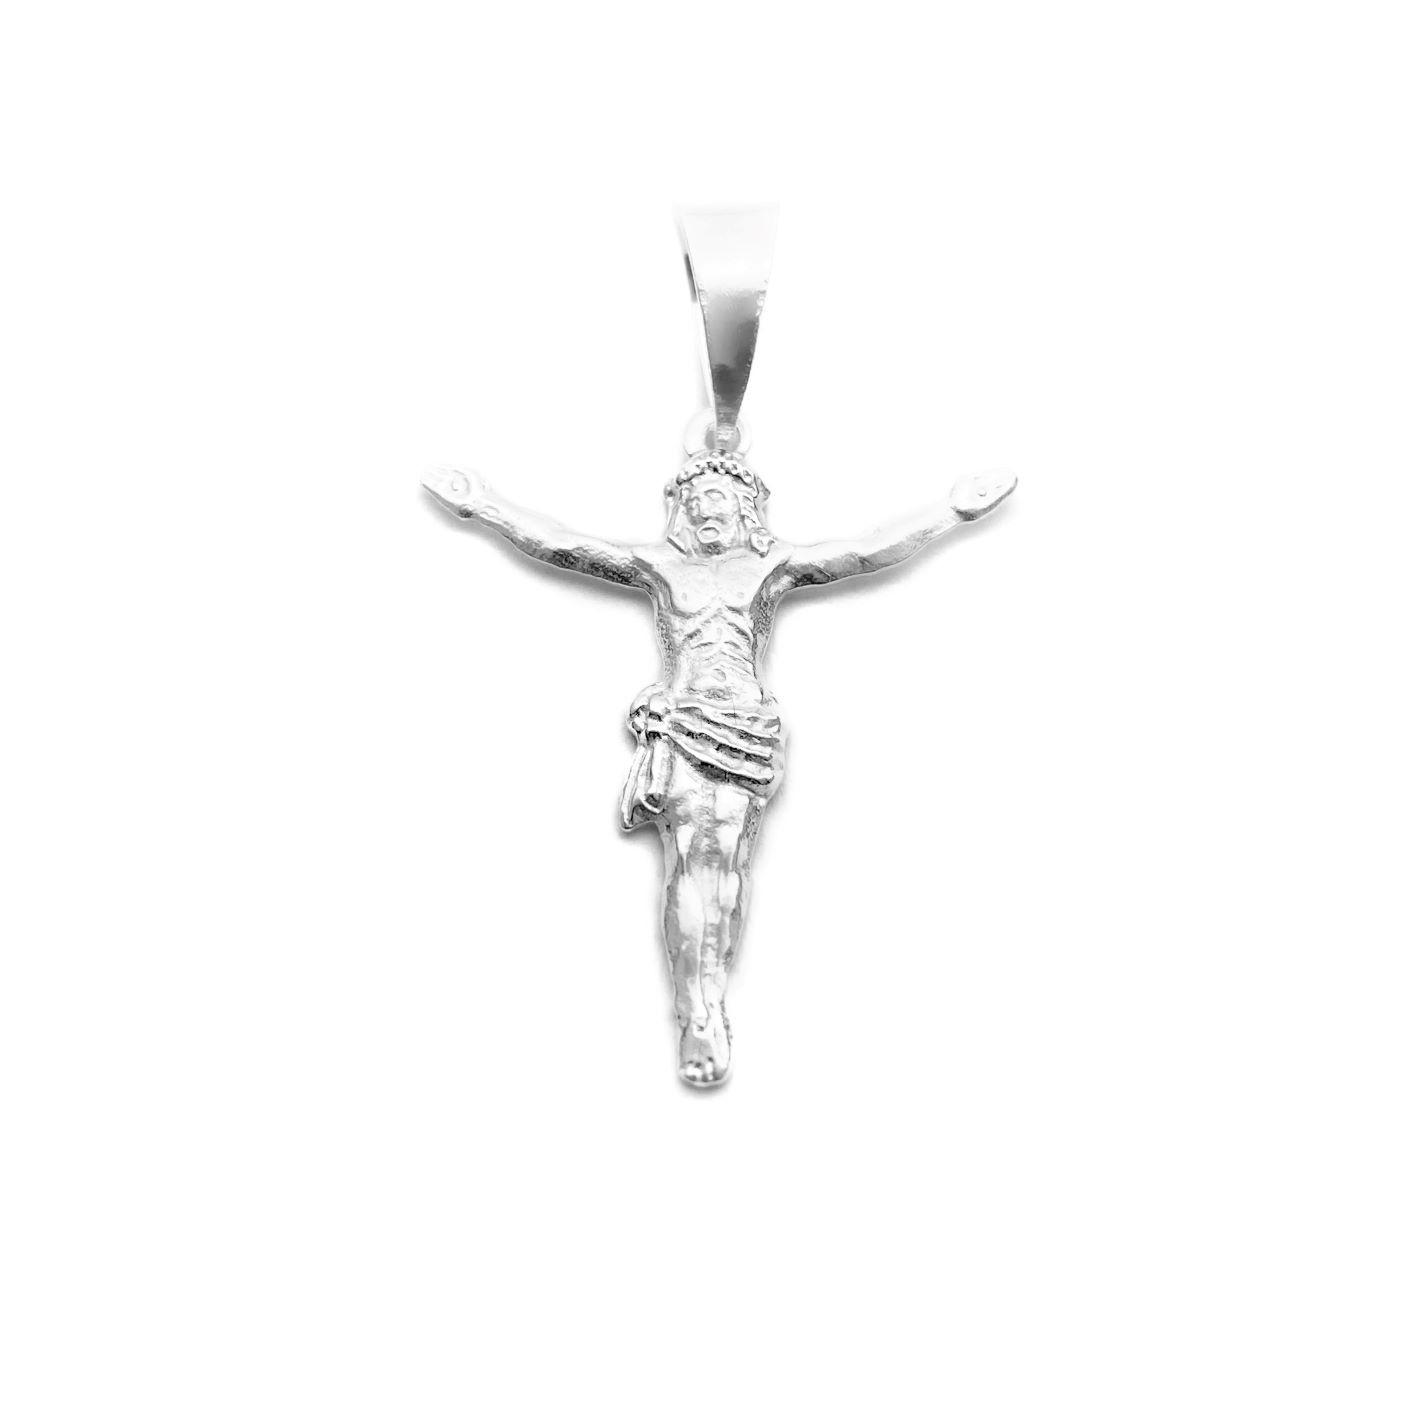 Pingente Crucifixo Cristo 3cm x 2,6cm (Prata 925 Italiana)